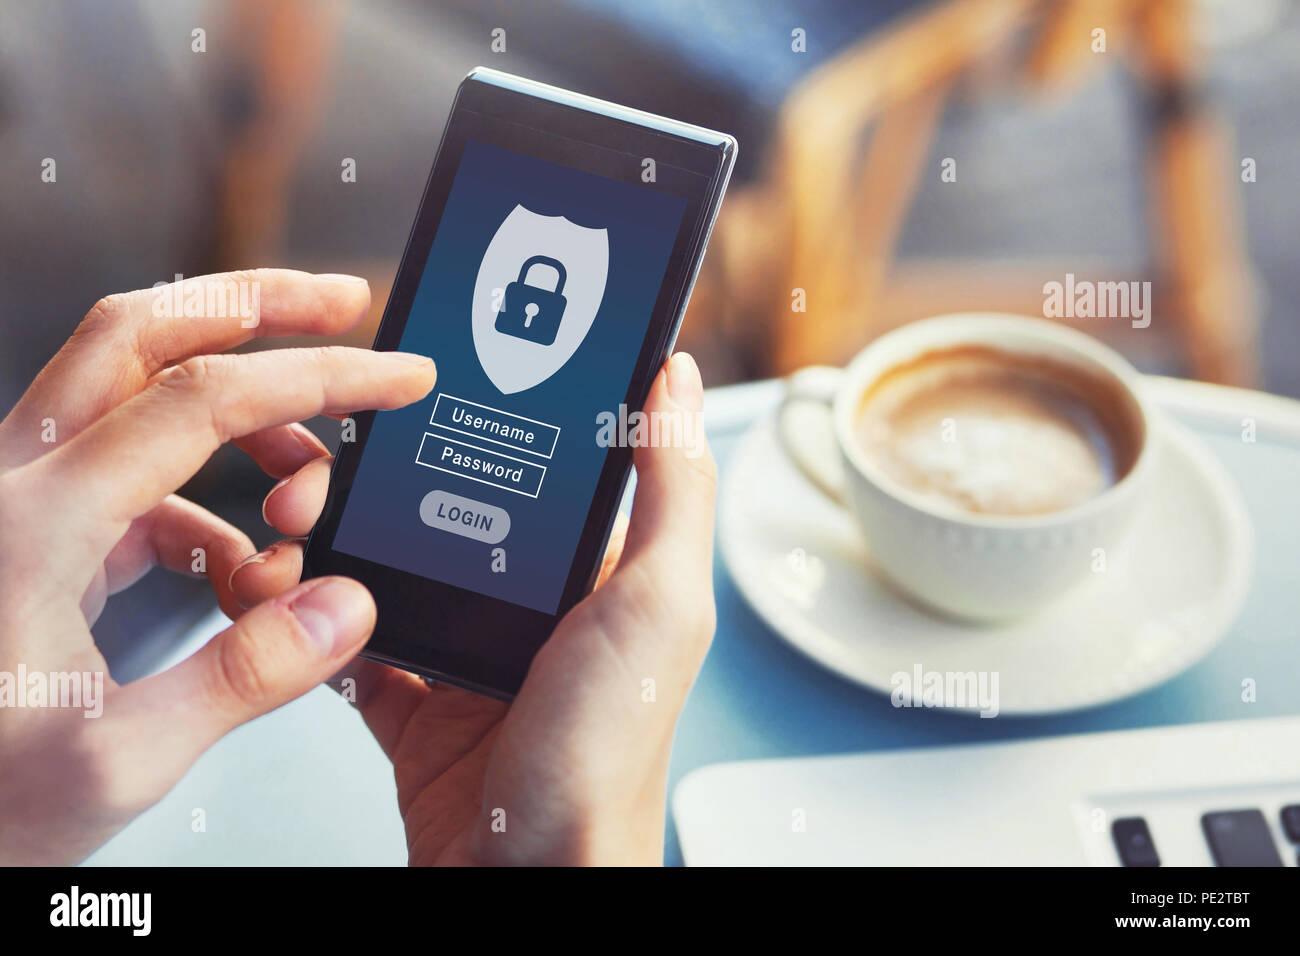 Login para Mobile App, ciberseguridad, acceso privado con un nombre de usuario y contraseña para datos personales, concepto en la pantalla del smartphone Imagen De Stock